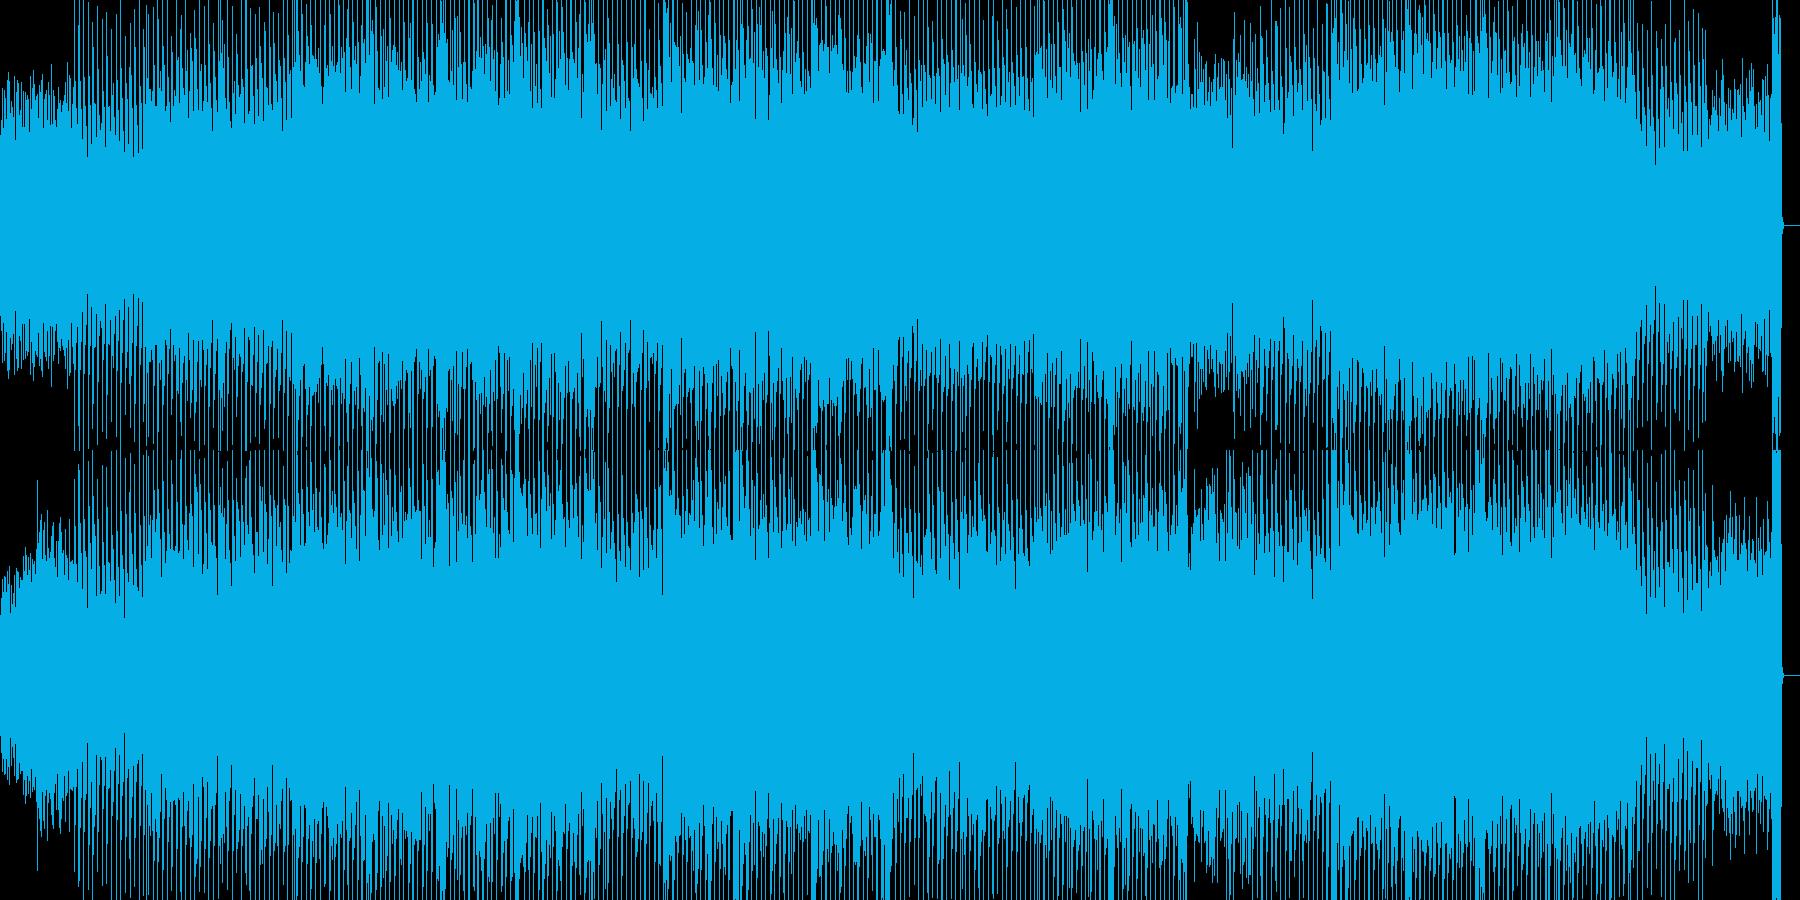 カッコいいテクノBGM曲の再生済みの波形